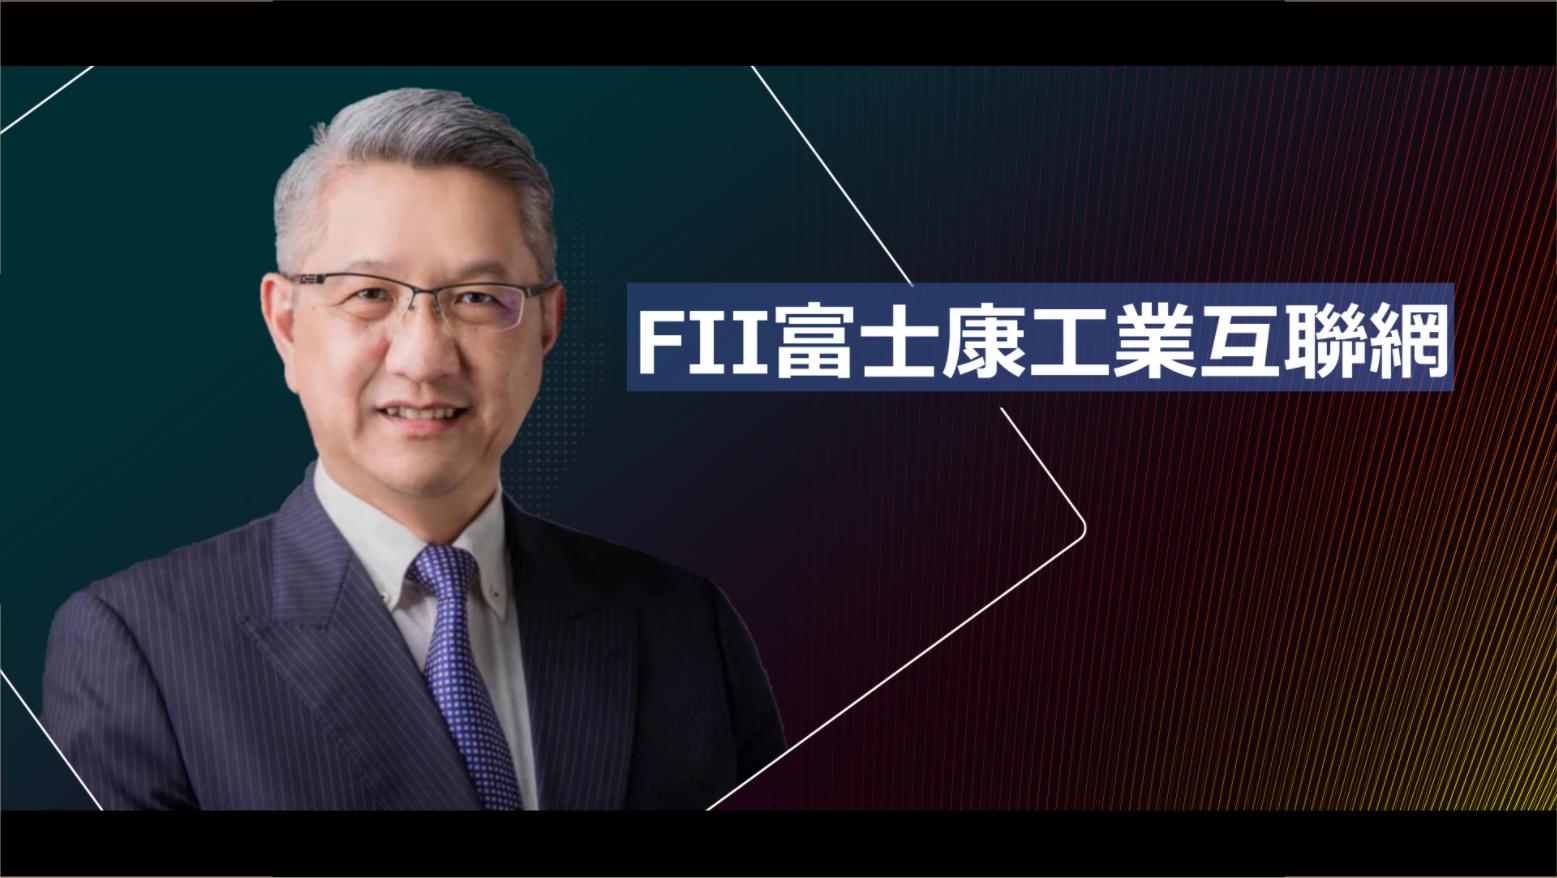 富士康工業互聯網FII - 鄭弘孟首席執行官 ▏2019企業高峰年會